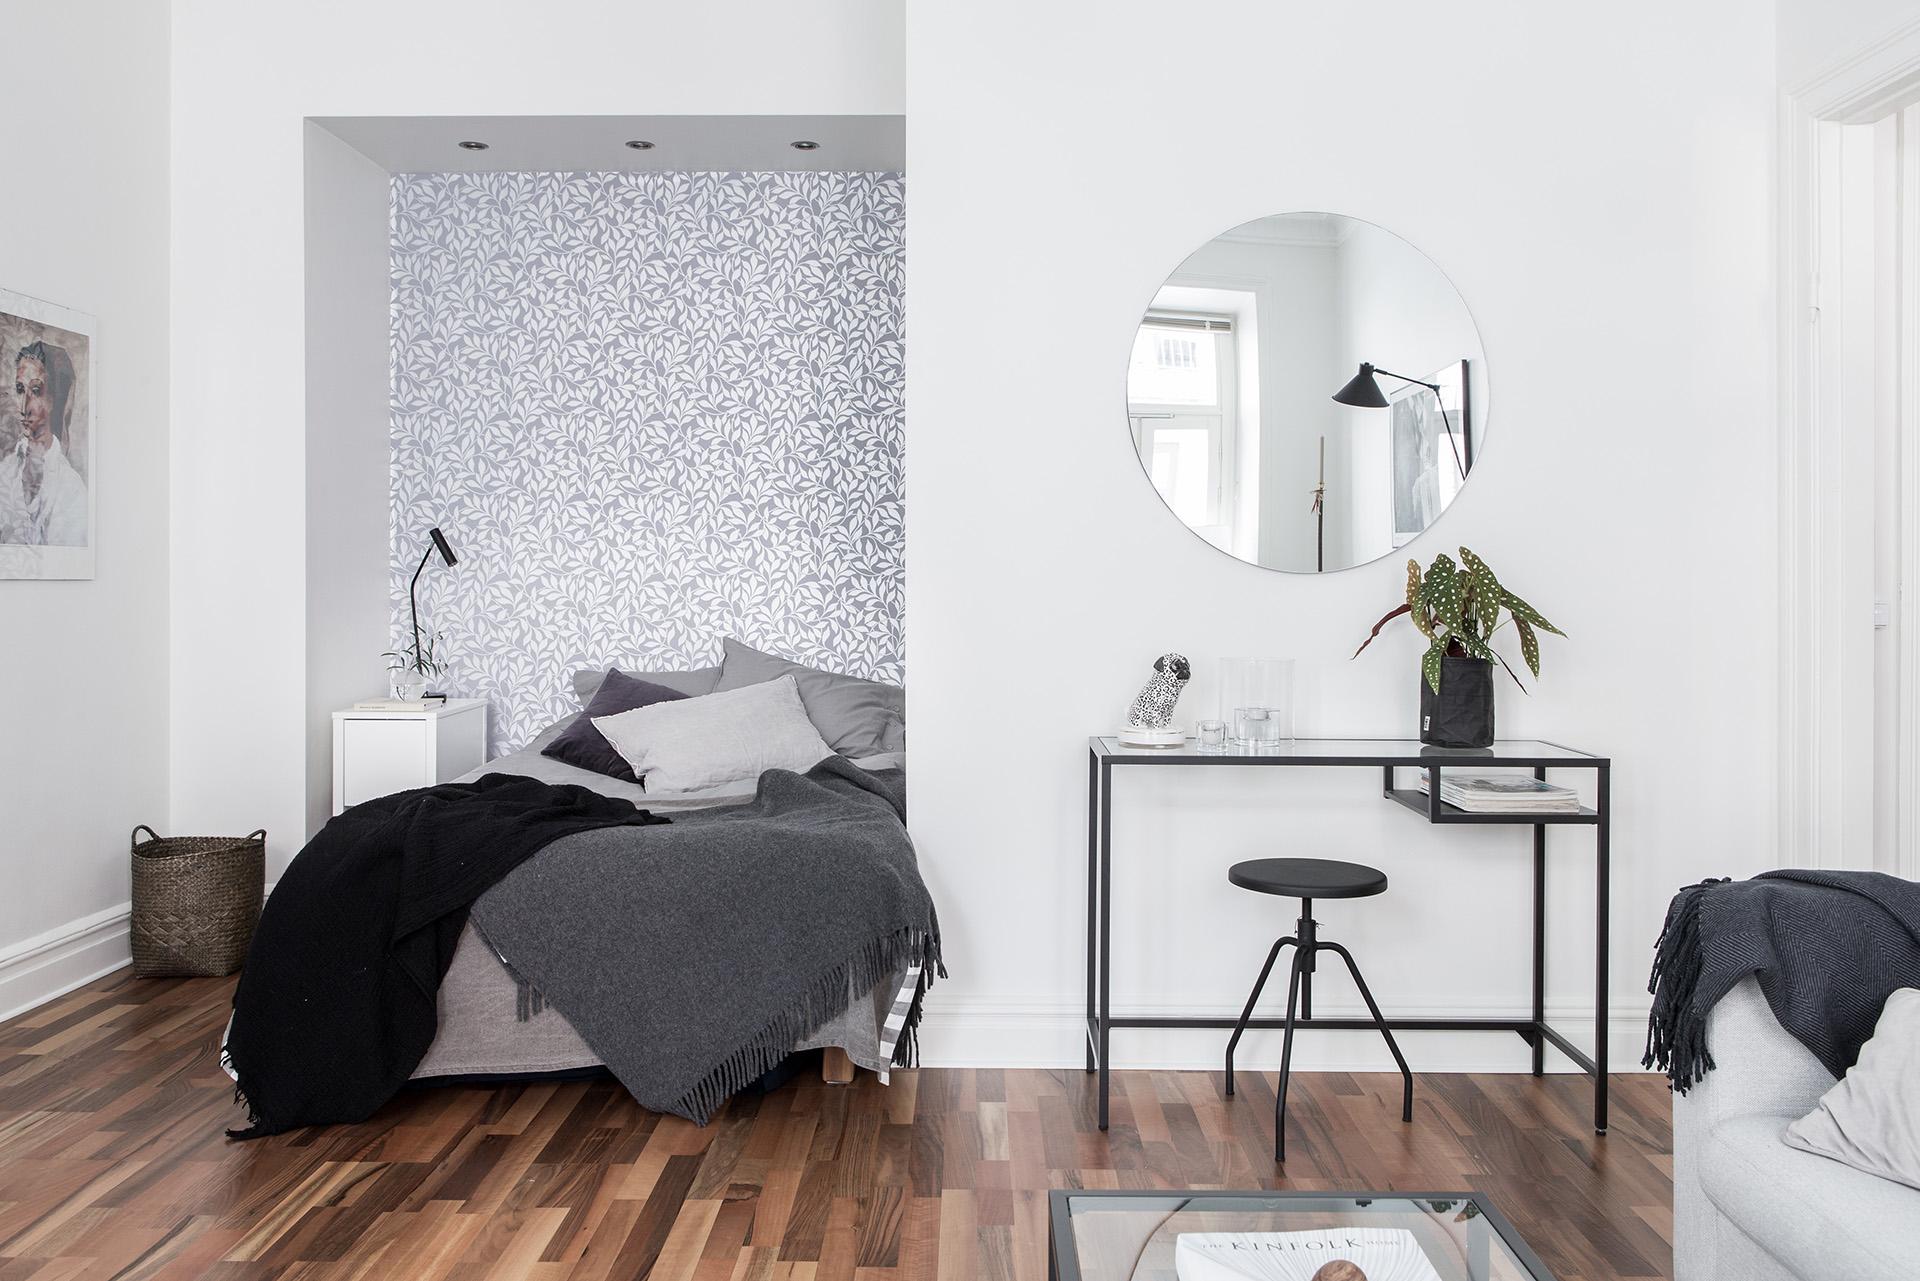 in-dit-kleine-appartement-hebben-ze-gekozen-voor-een-open-slaapkamer